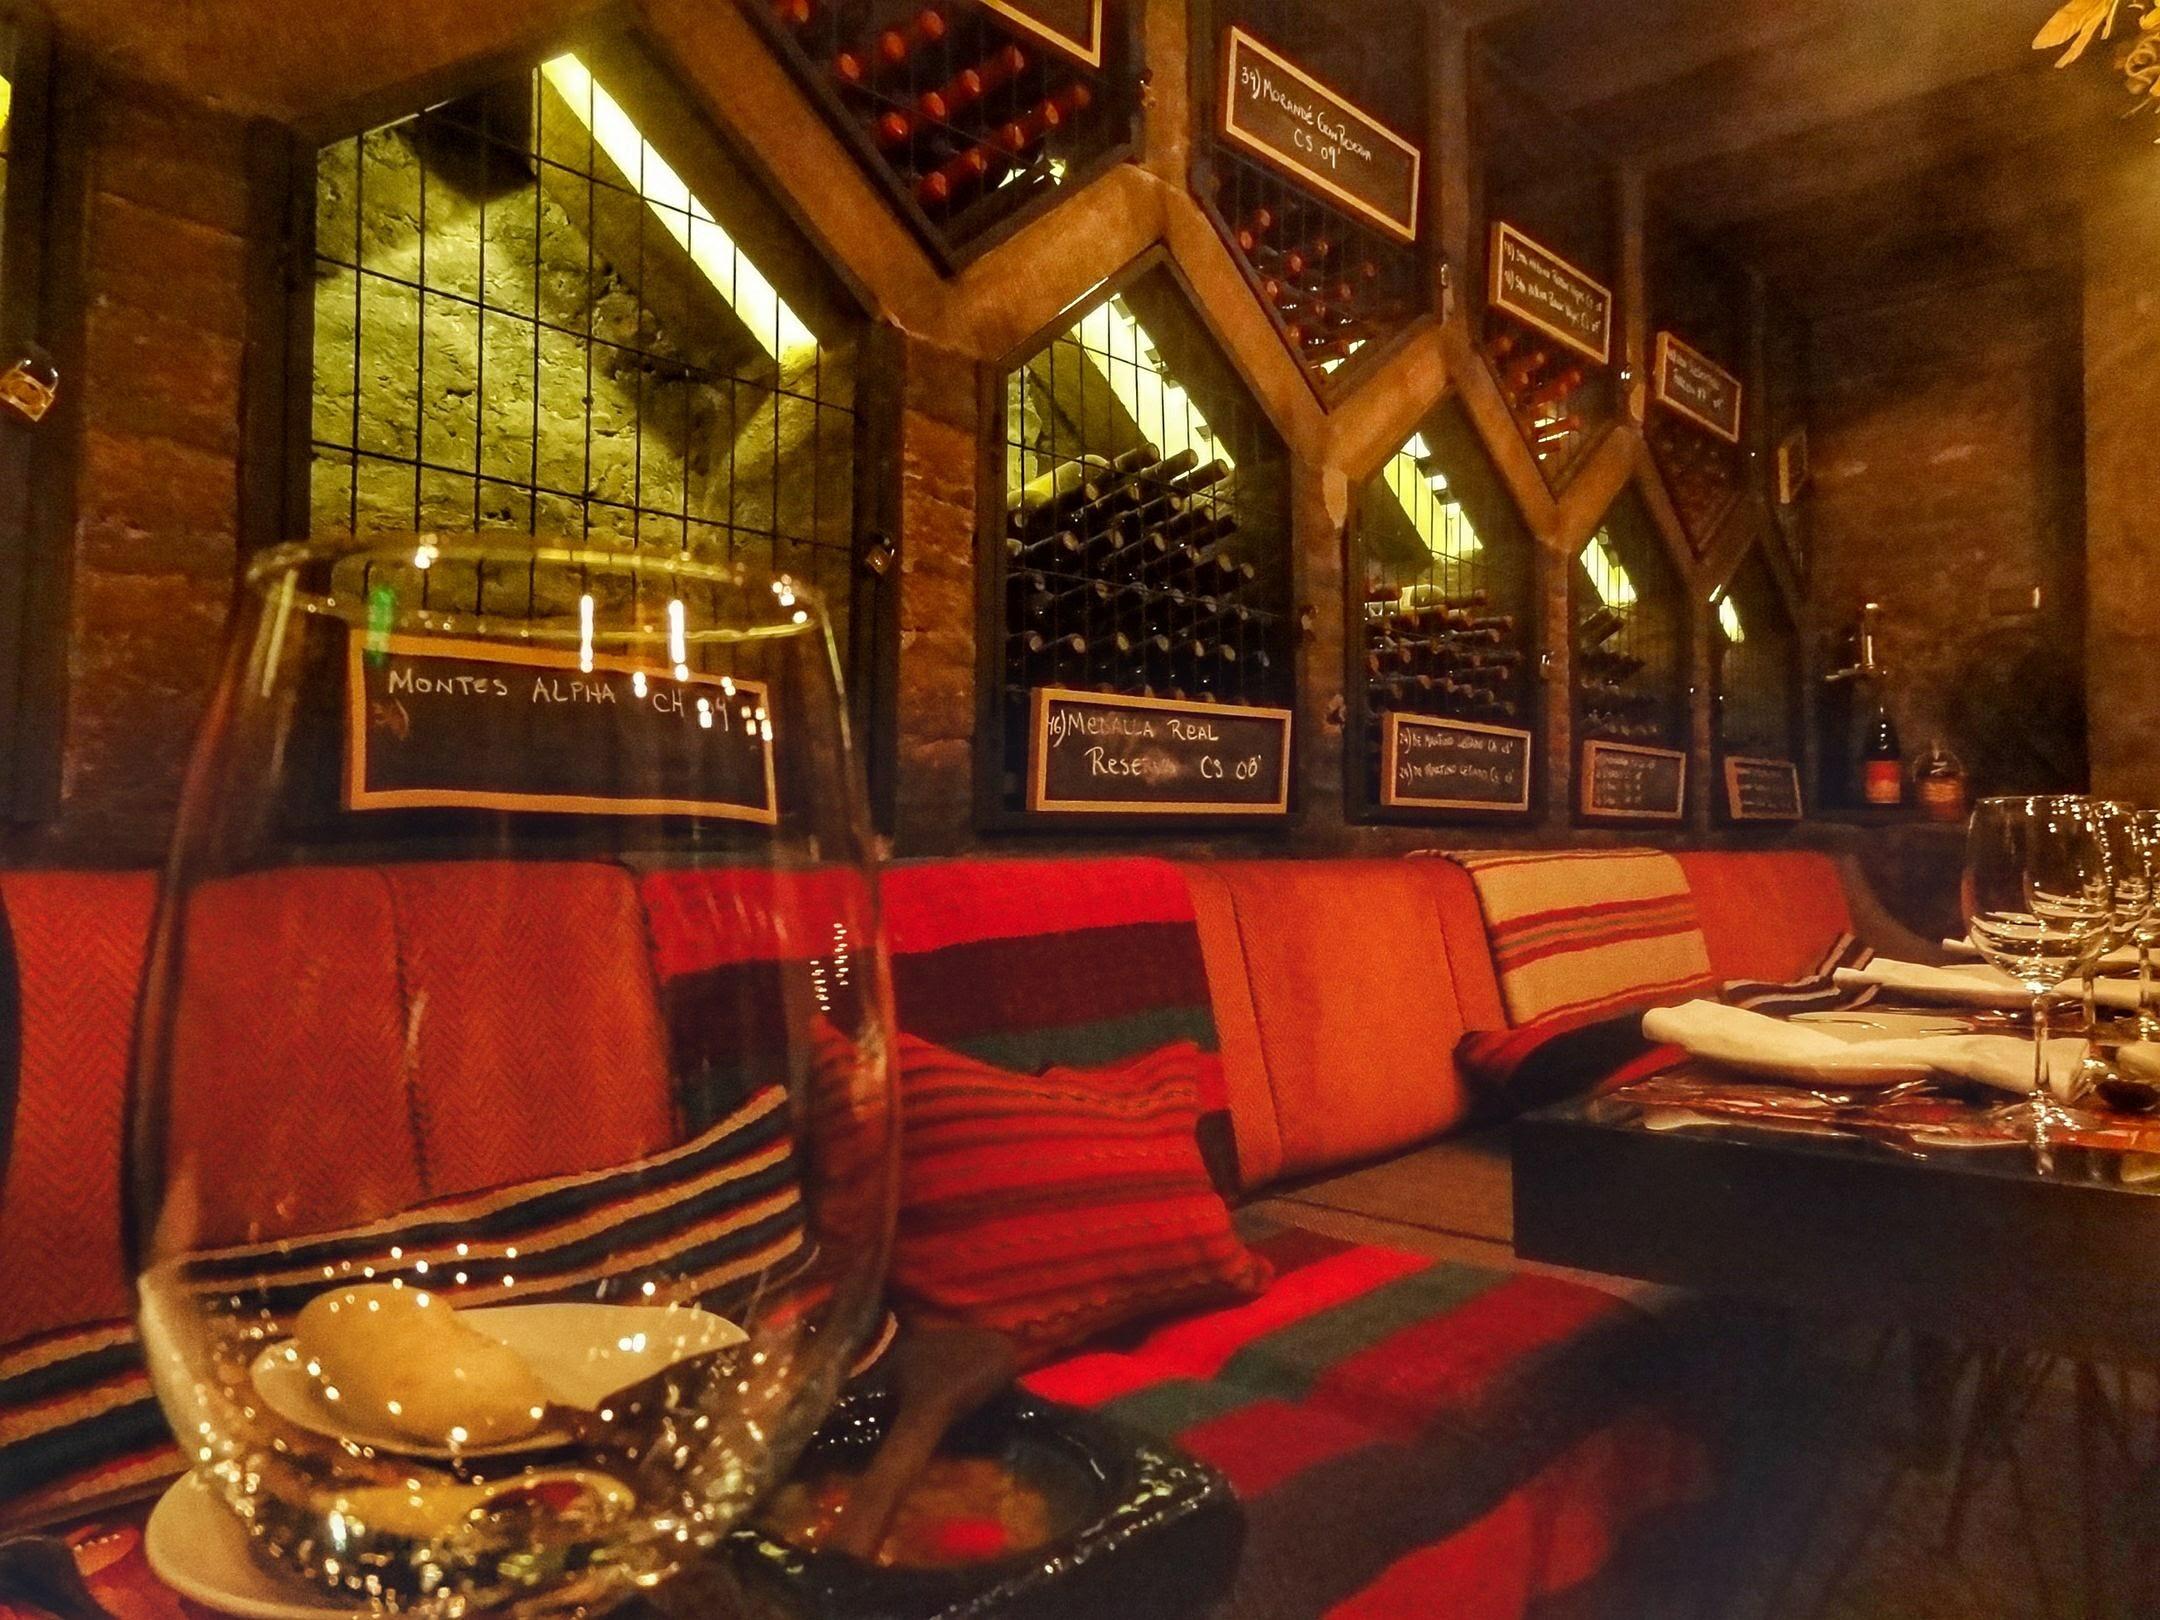 onde-comer-em-santiago-guia-restaurantes Onde comer em Santiago - Guia de restaurantes por bairro